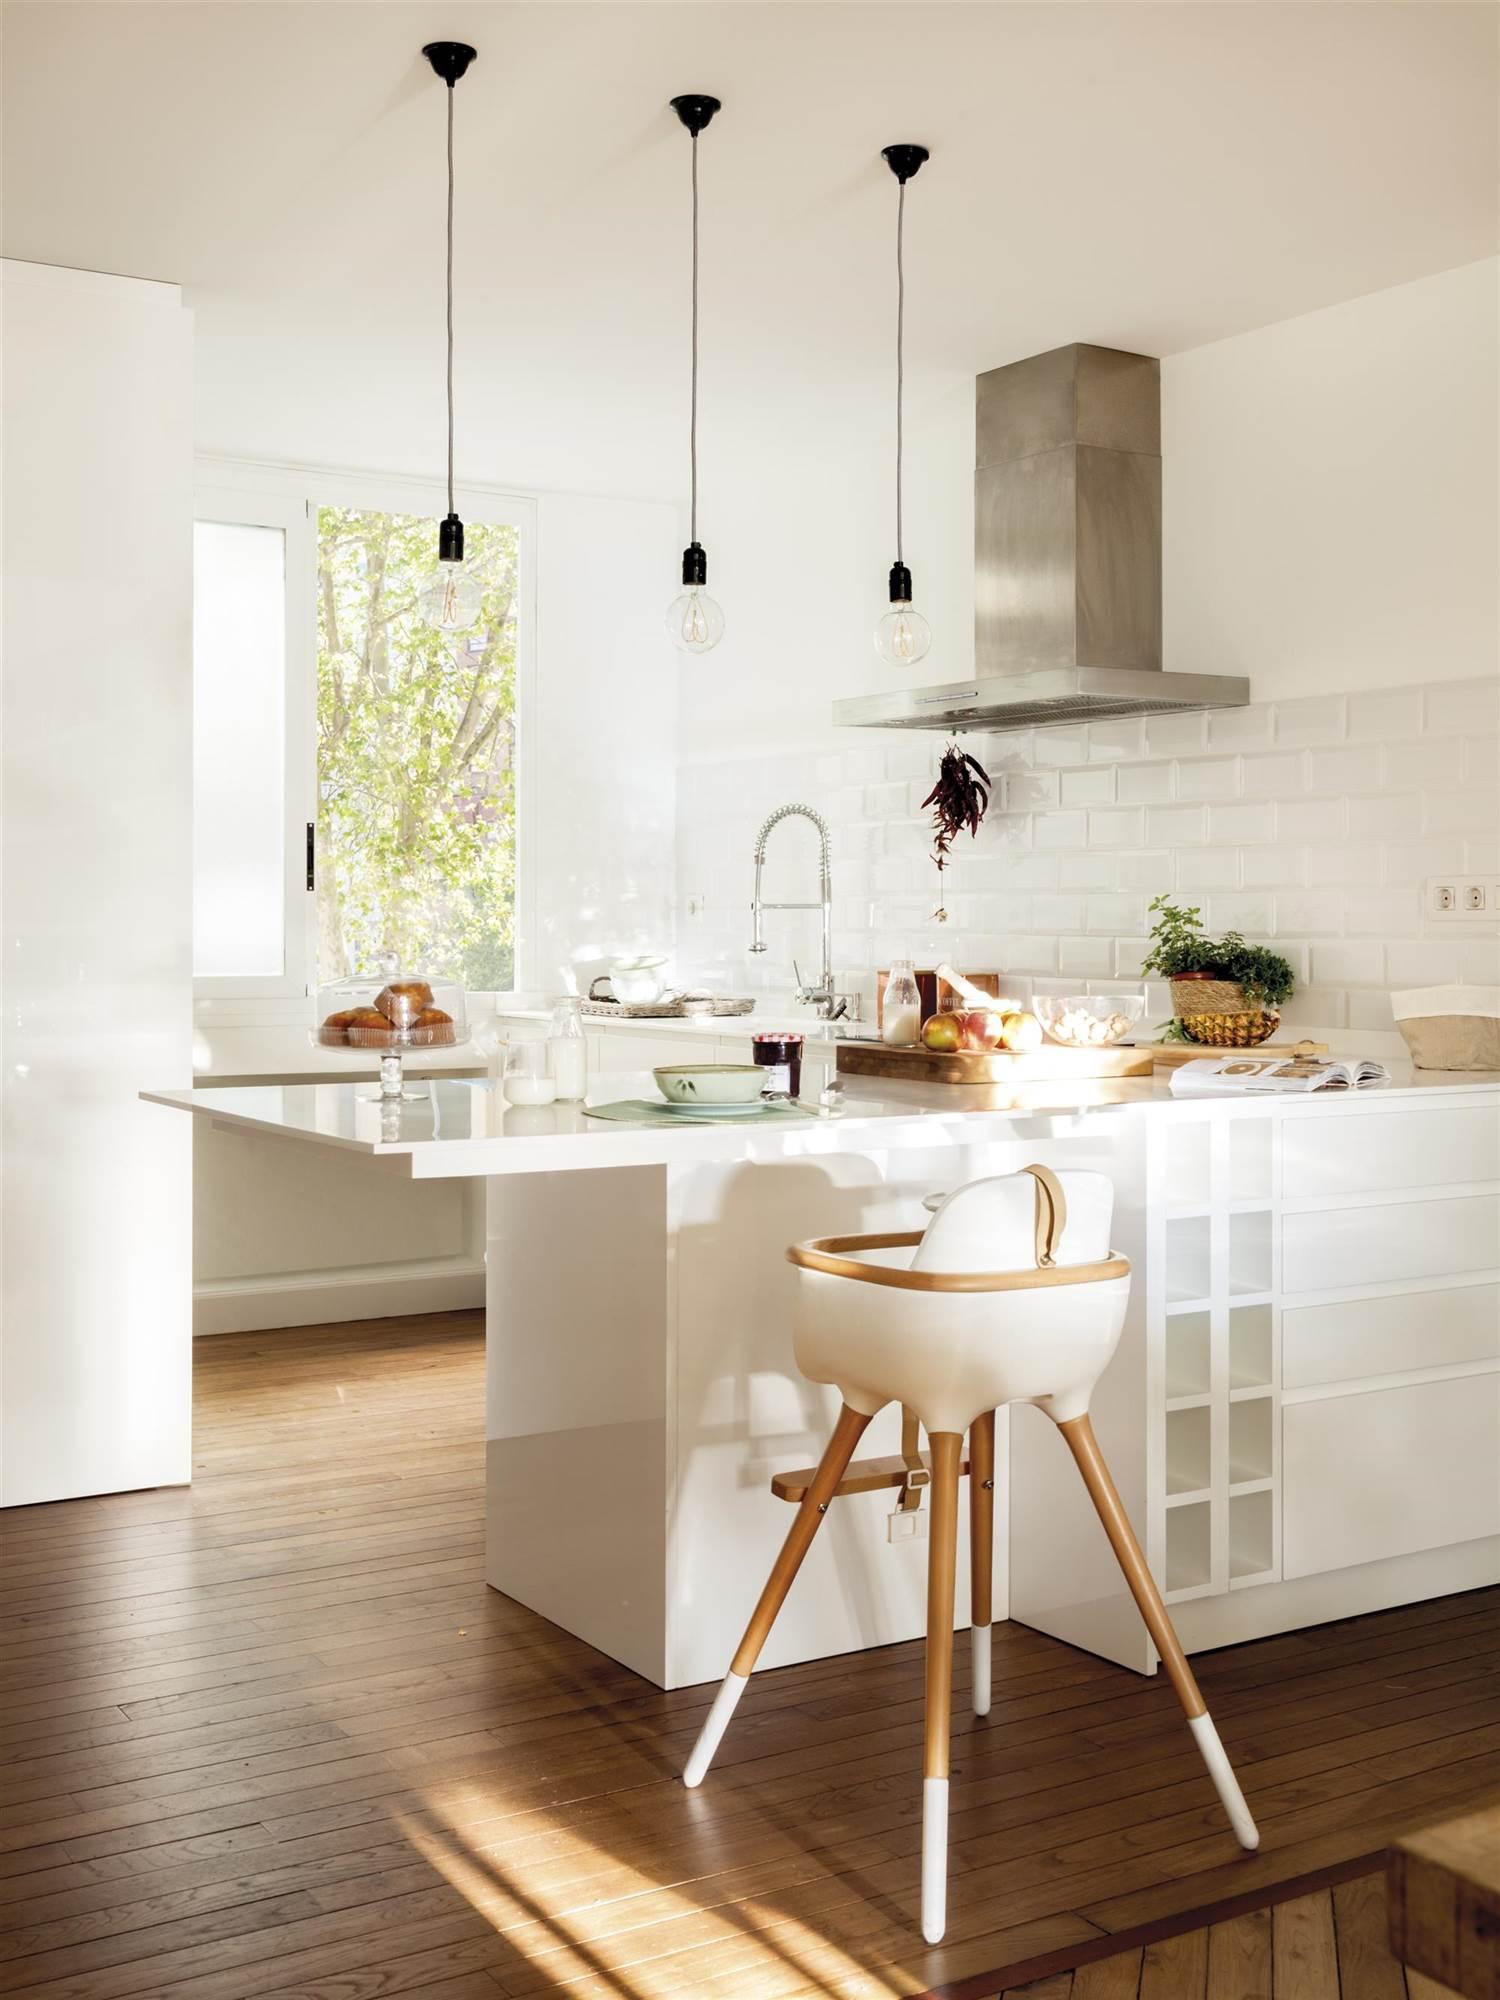 741 Fotos de Muebles de cocina